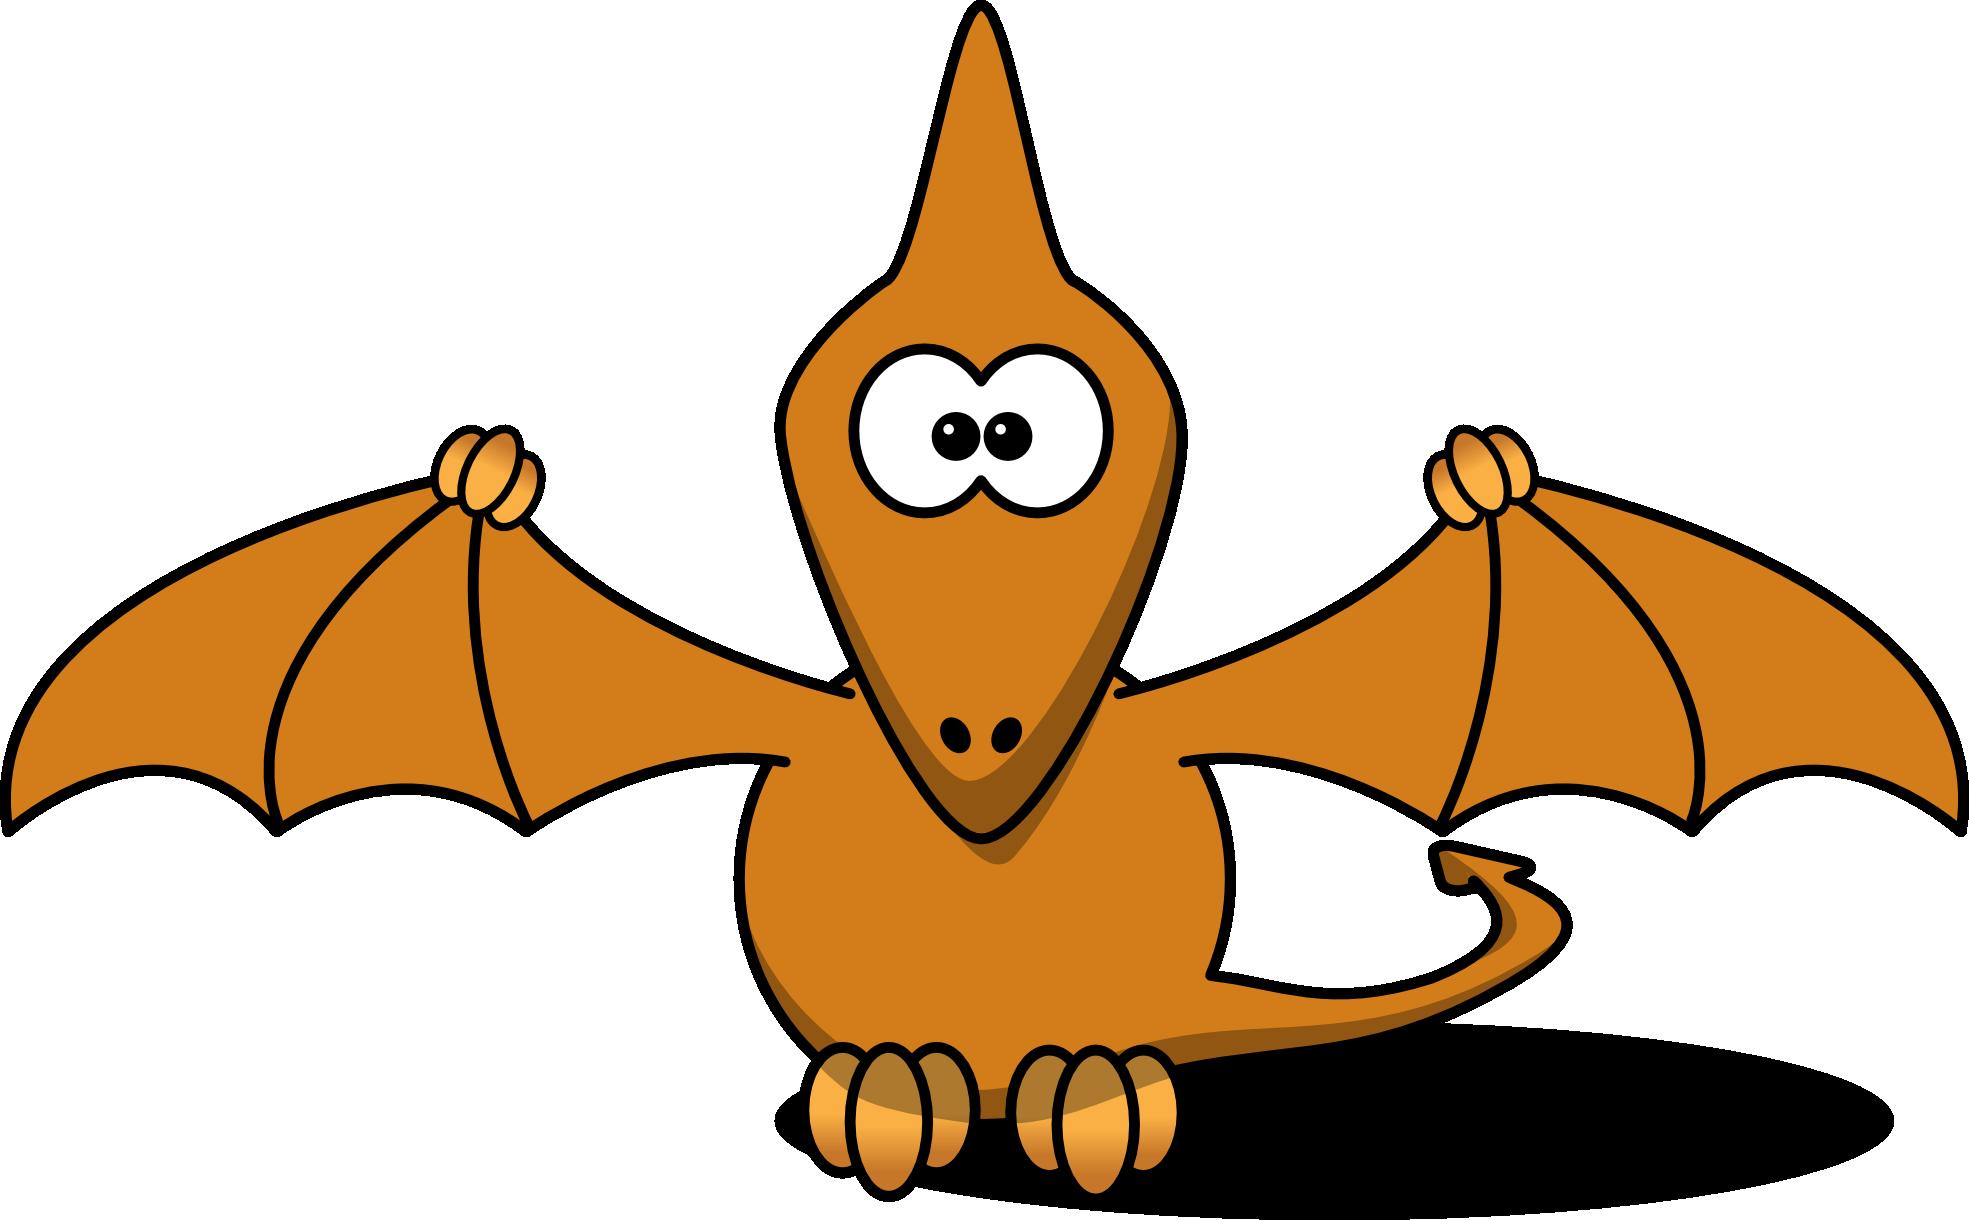 Мультфильм динозавр фигурки рекс игрушки играть - a